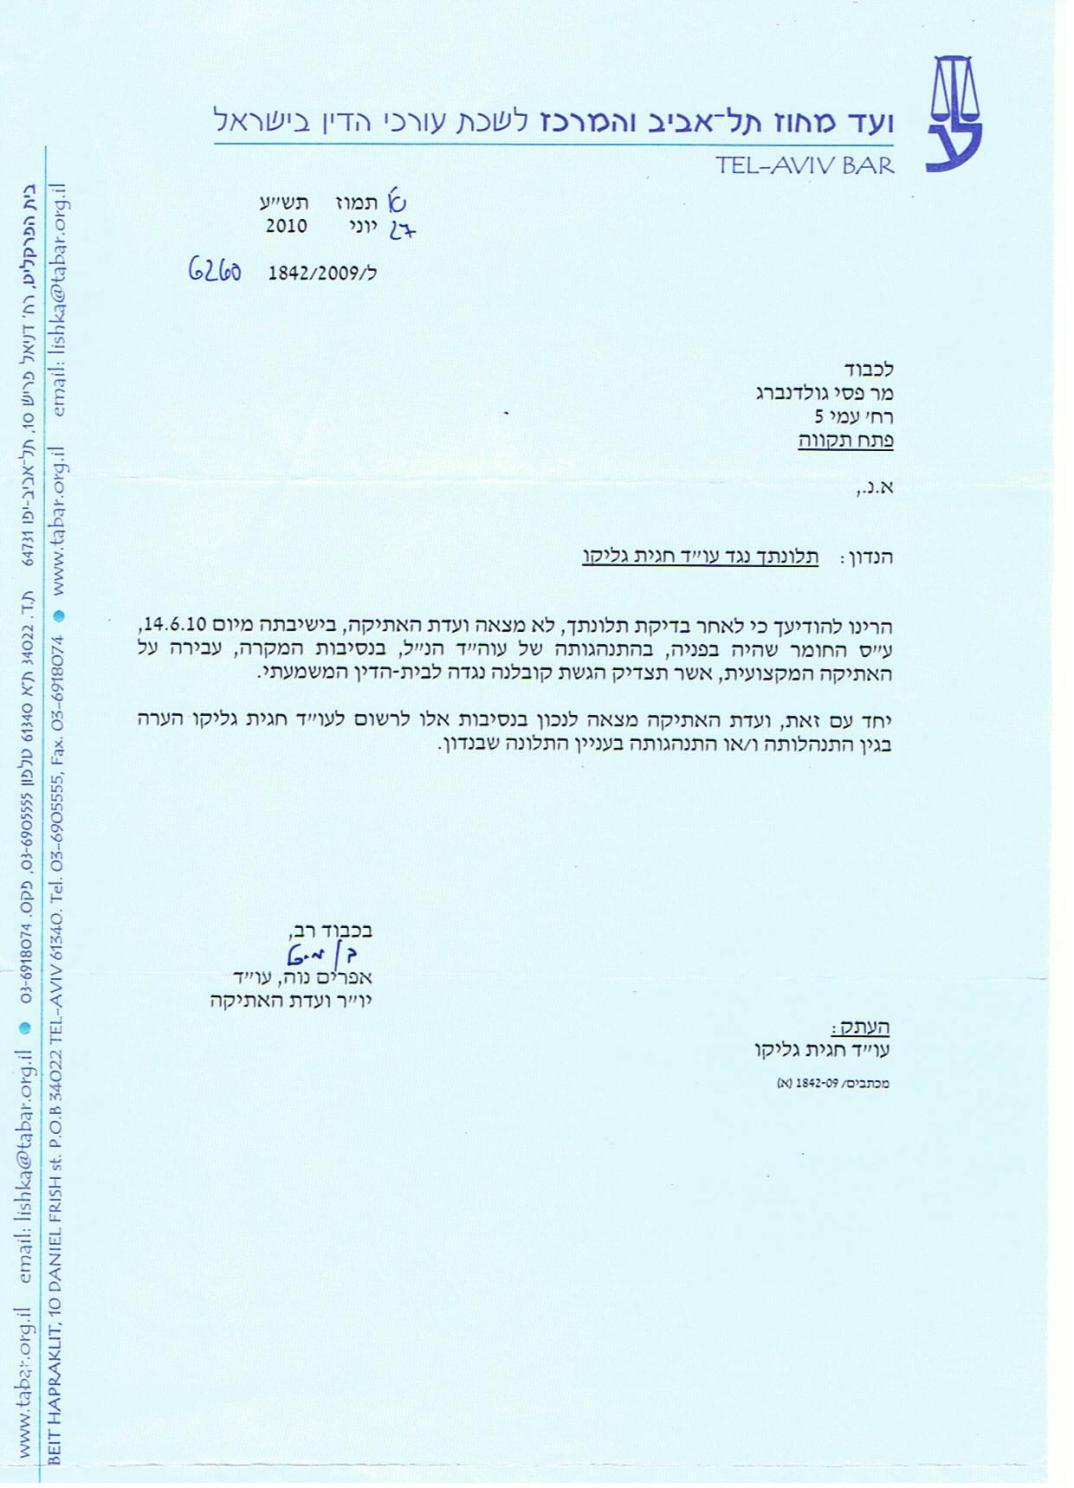 החלטת ועדת האתיקה נגד עורכת דין ממשרד לינצר